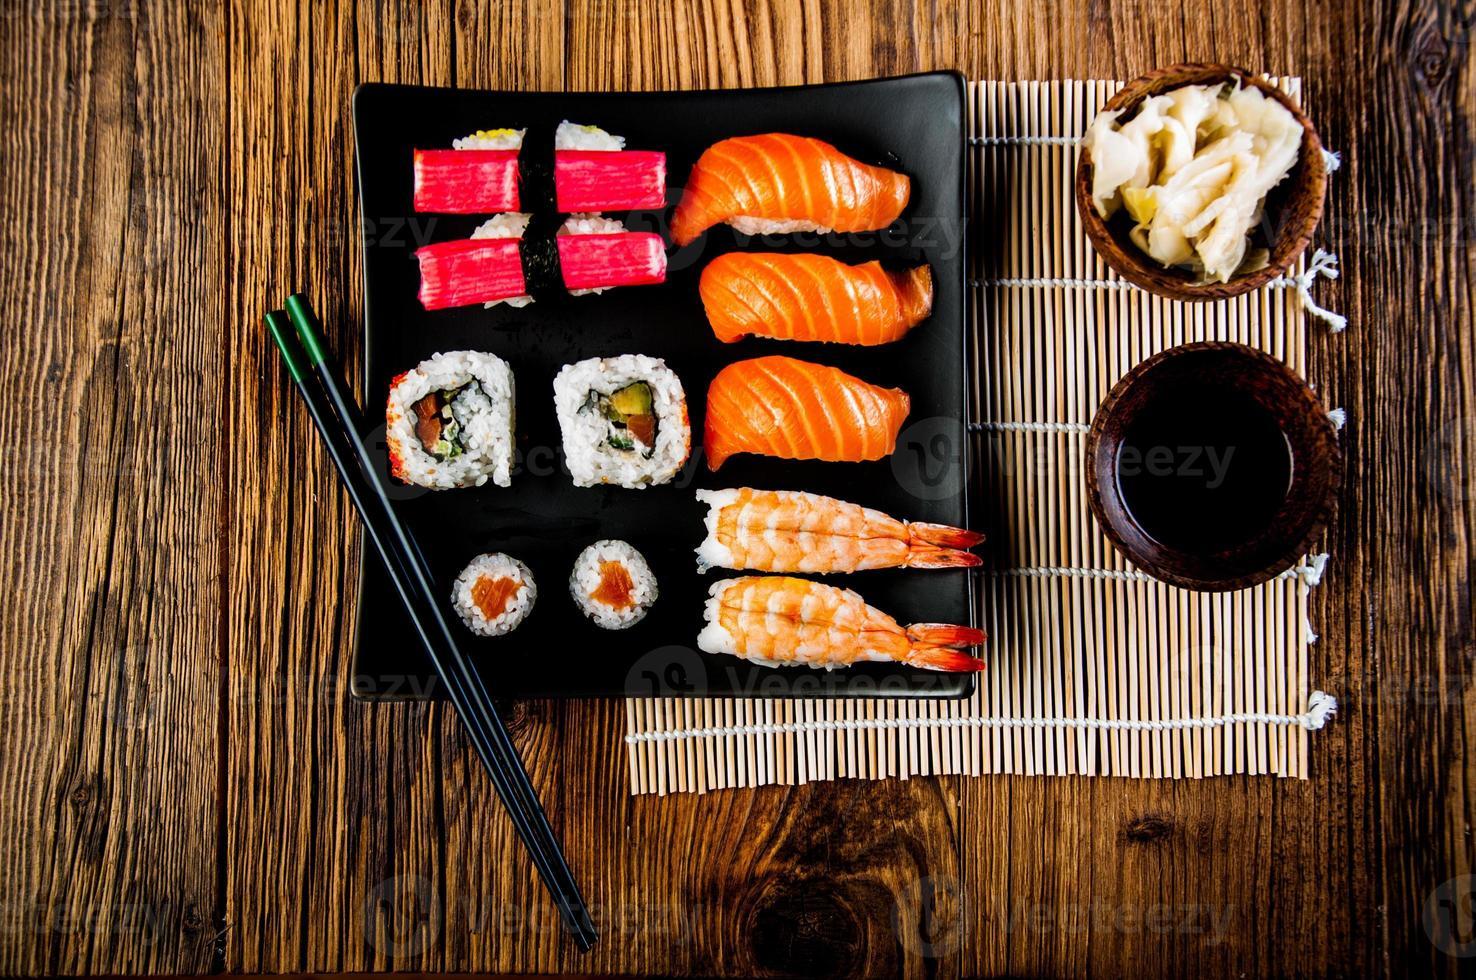 japanisches frisches Sushi-Set foto